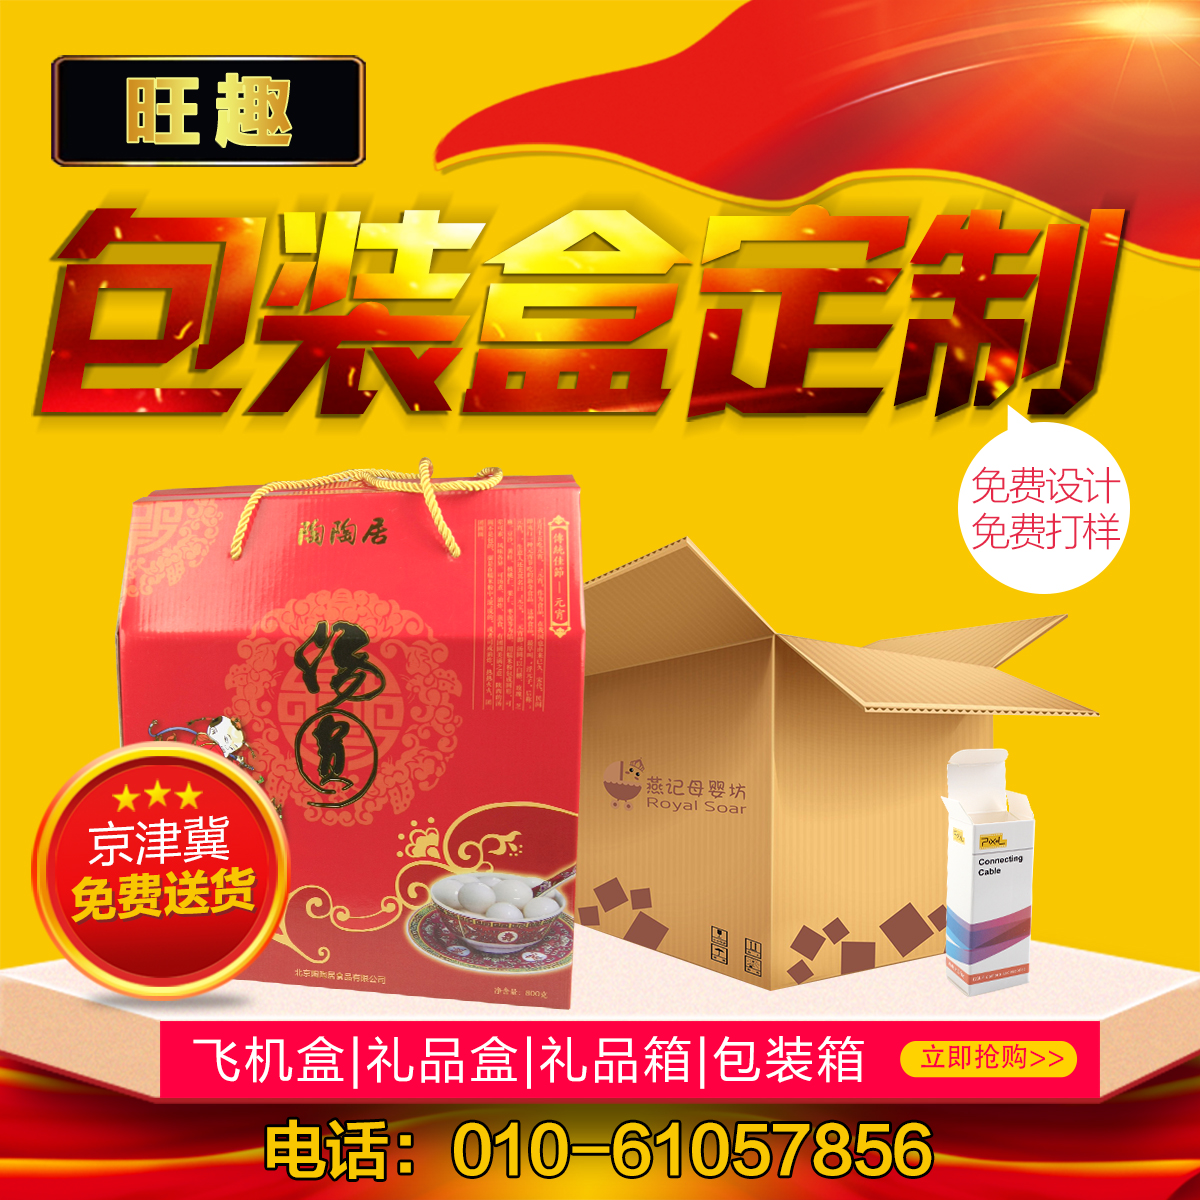 茶叶精品礼盒包装首页地址